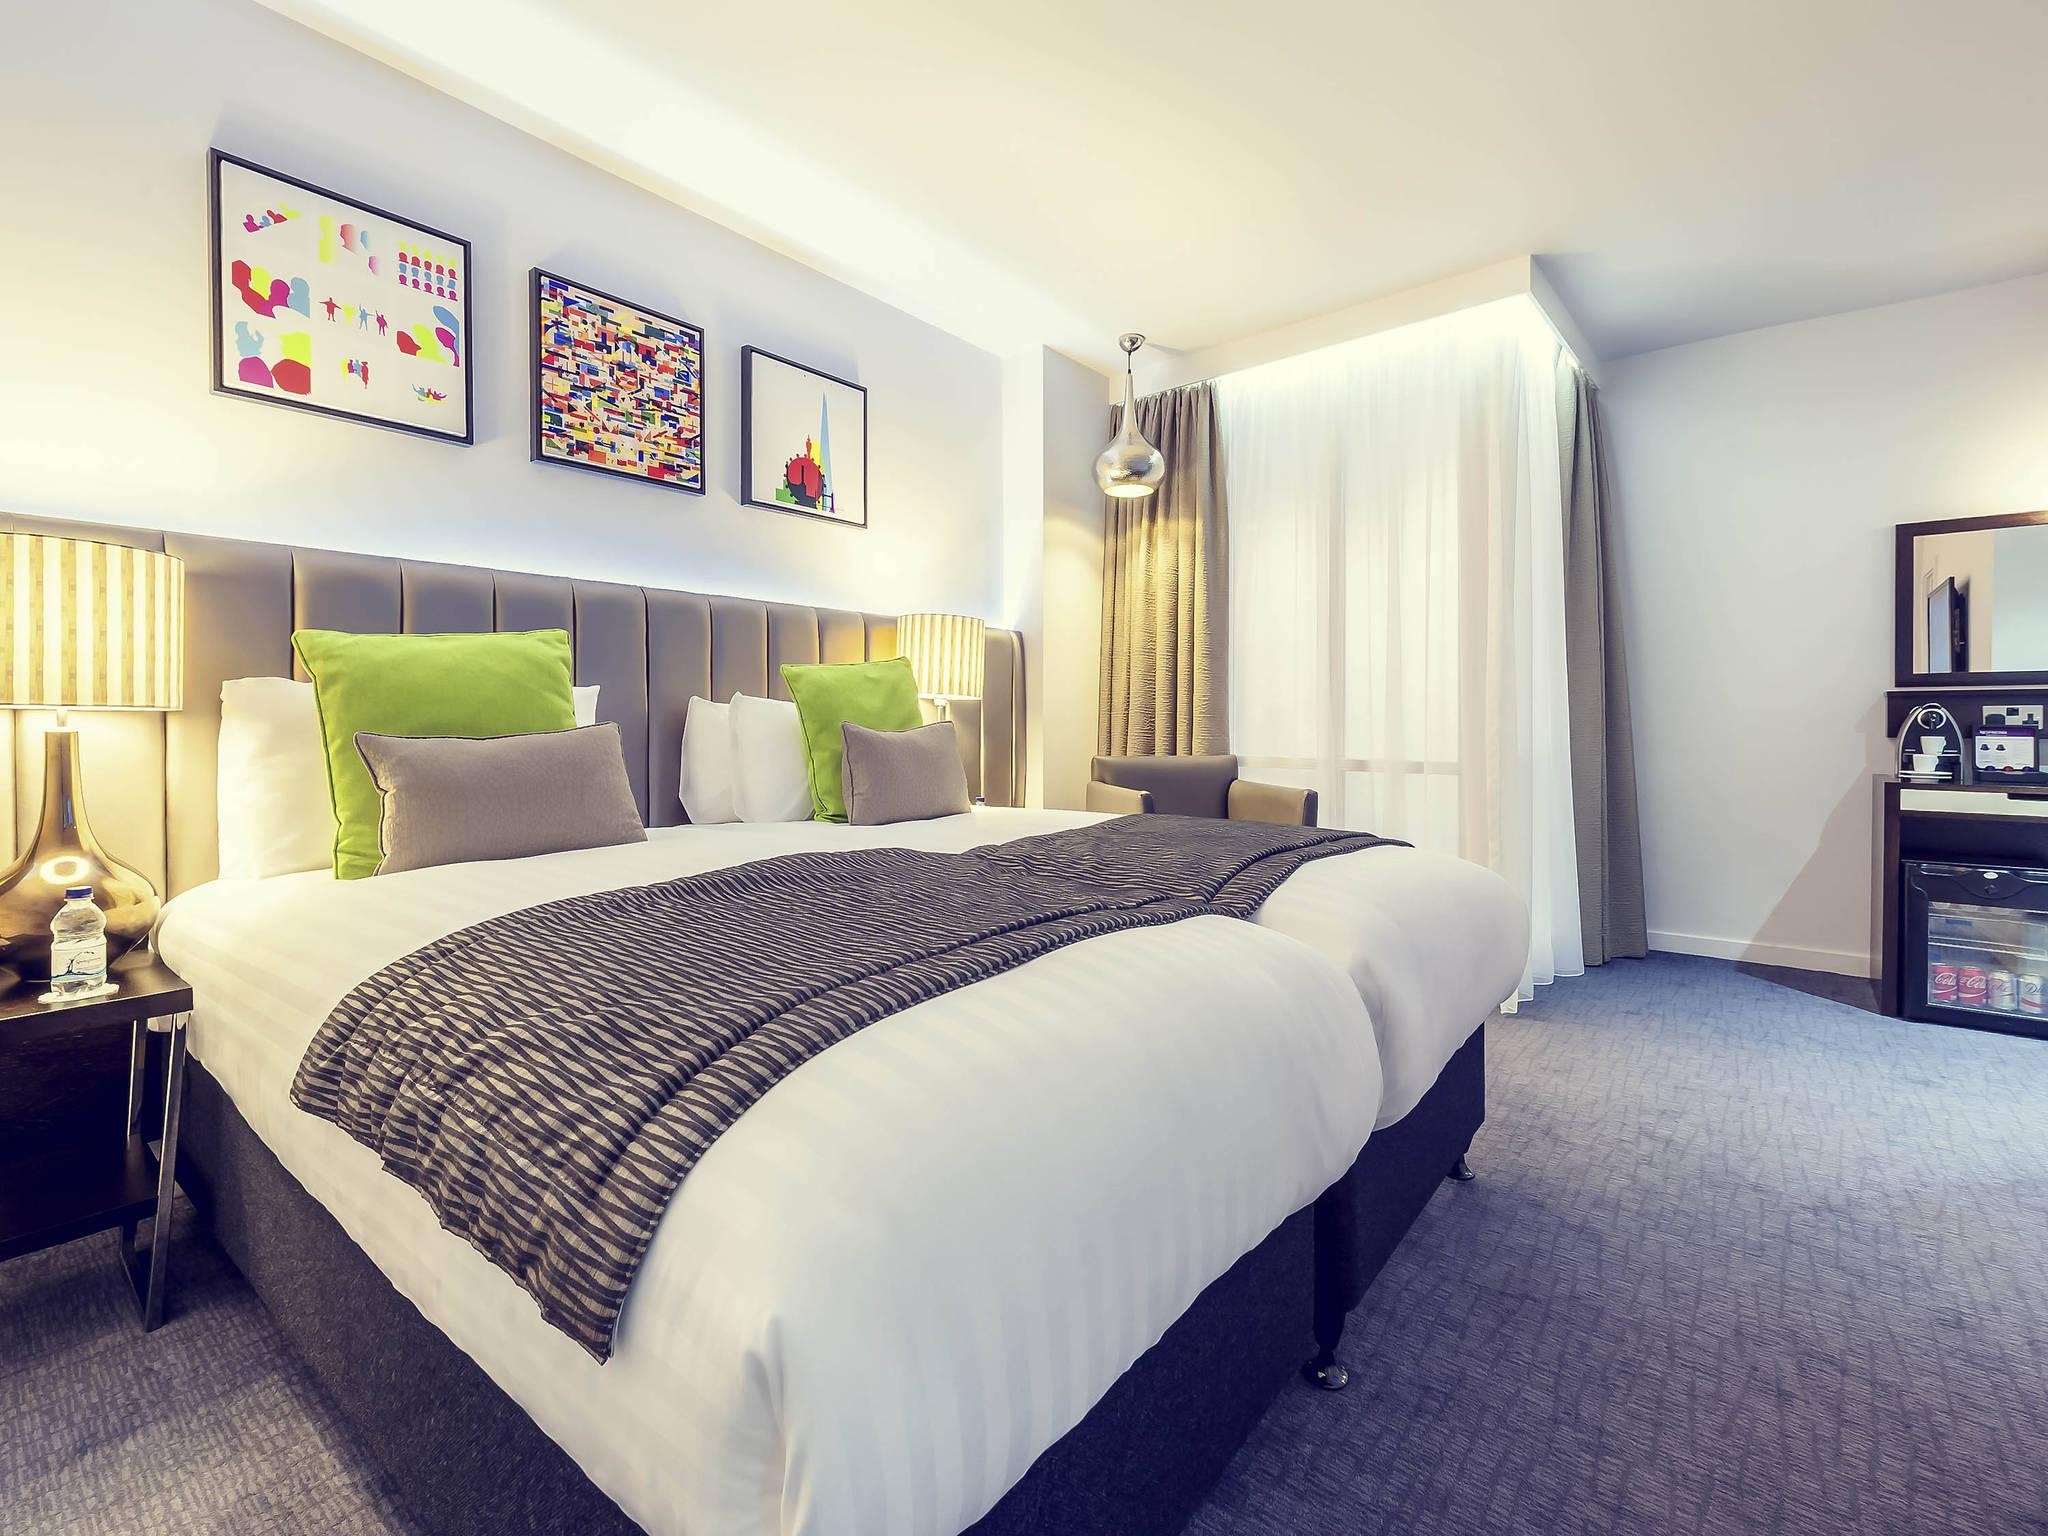 โรงแรม – เมอร์เคียว ลอนดอน แพดดิงตัน